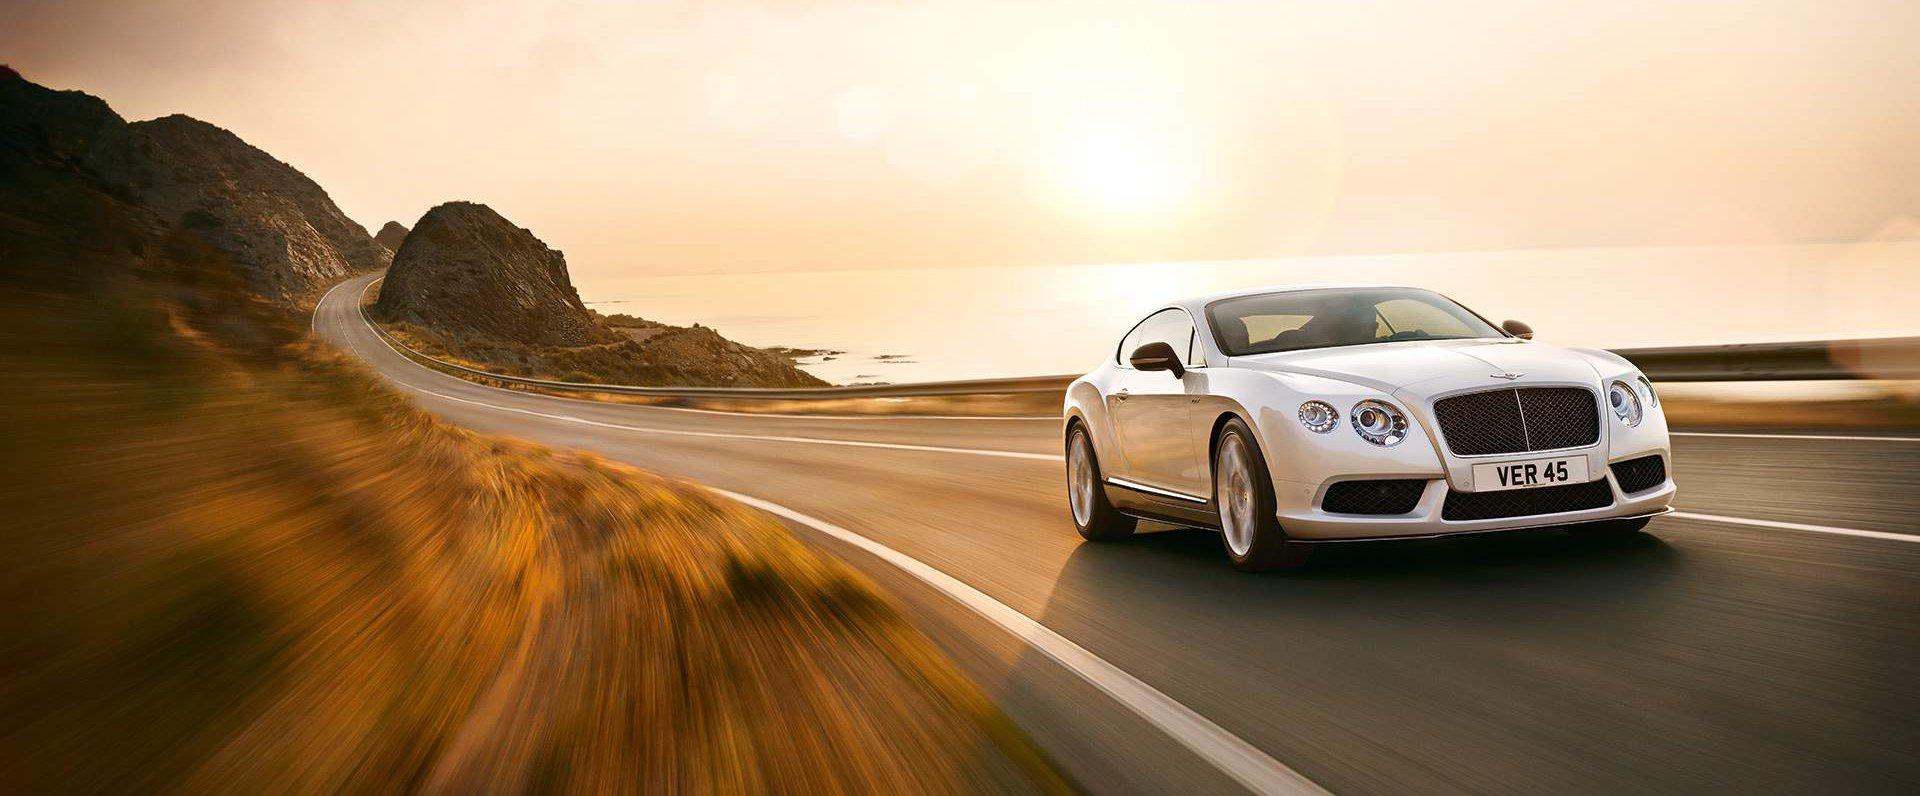 Simplemente sublime: Continental V8 S, lo nuevo de Bentley